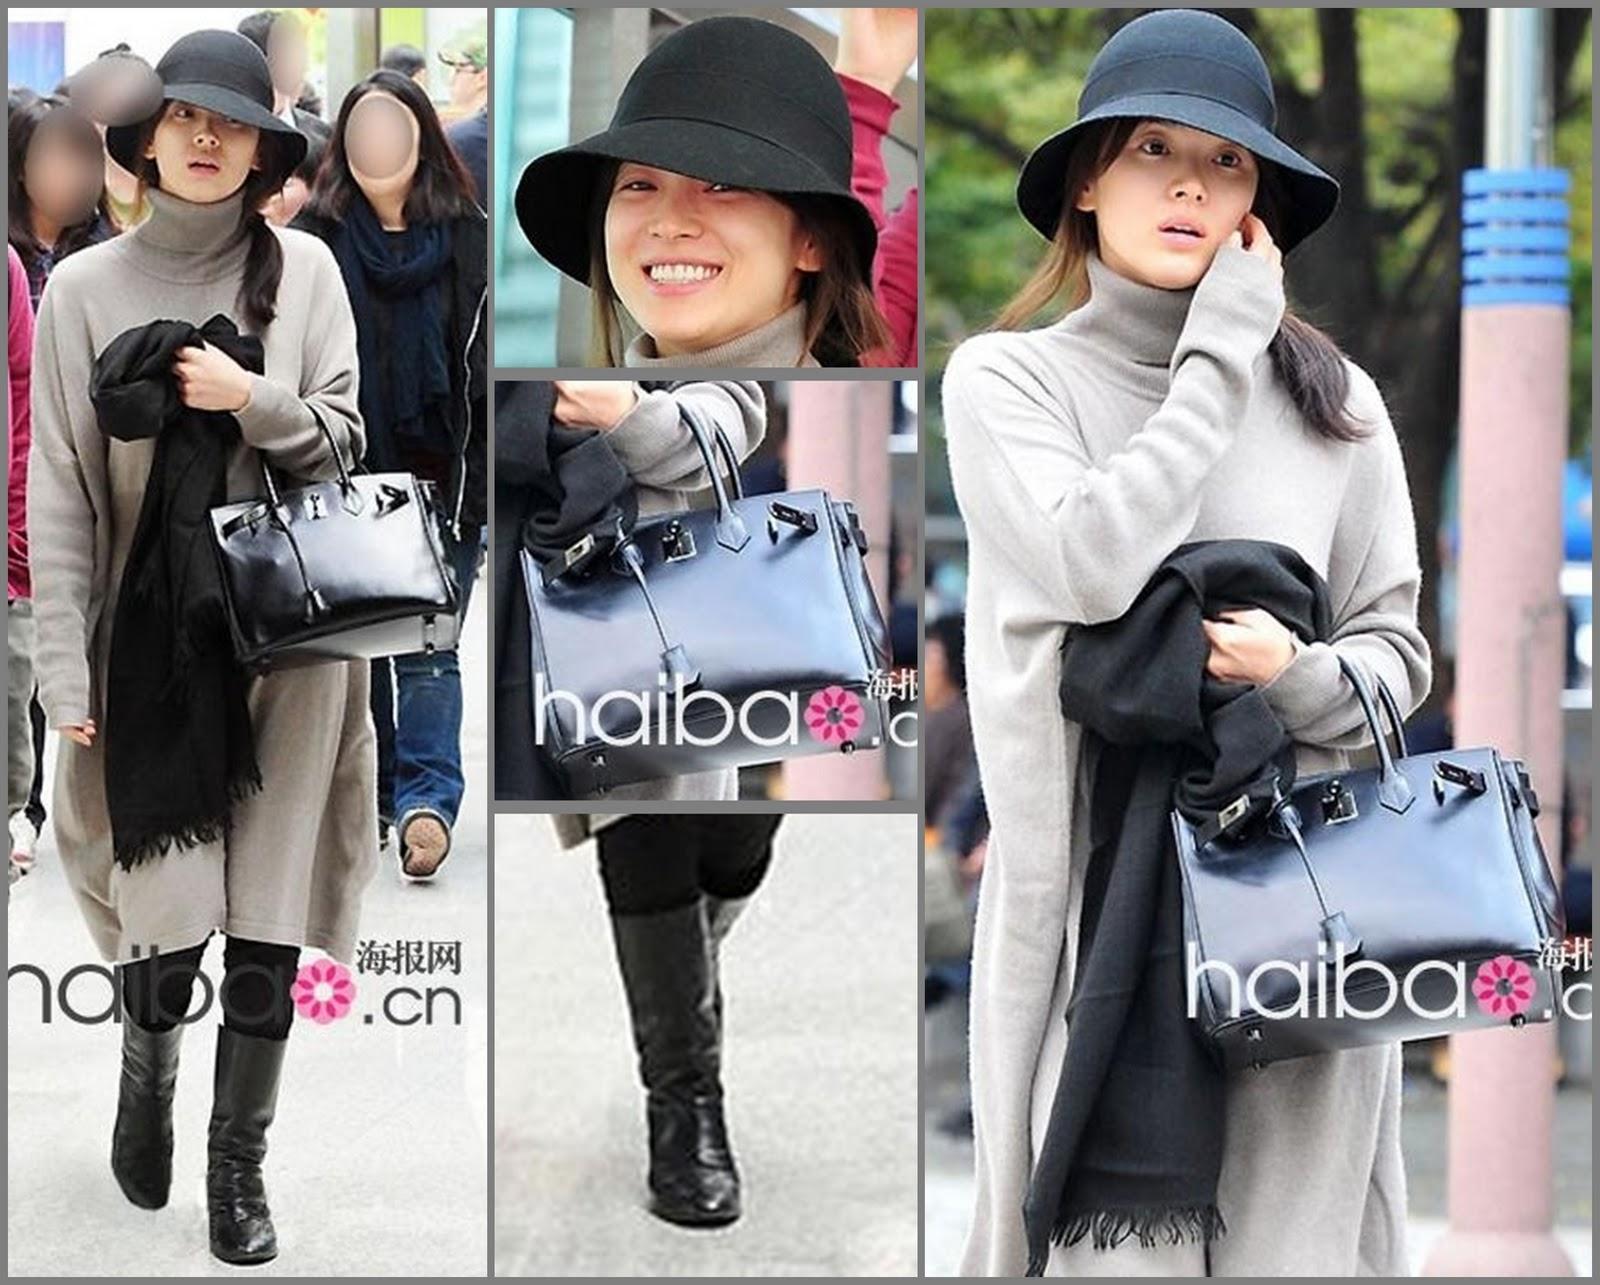 Korea Star Fashion Song Hye Kyo Clothes 2011